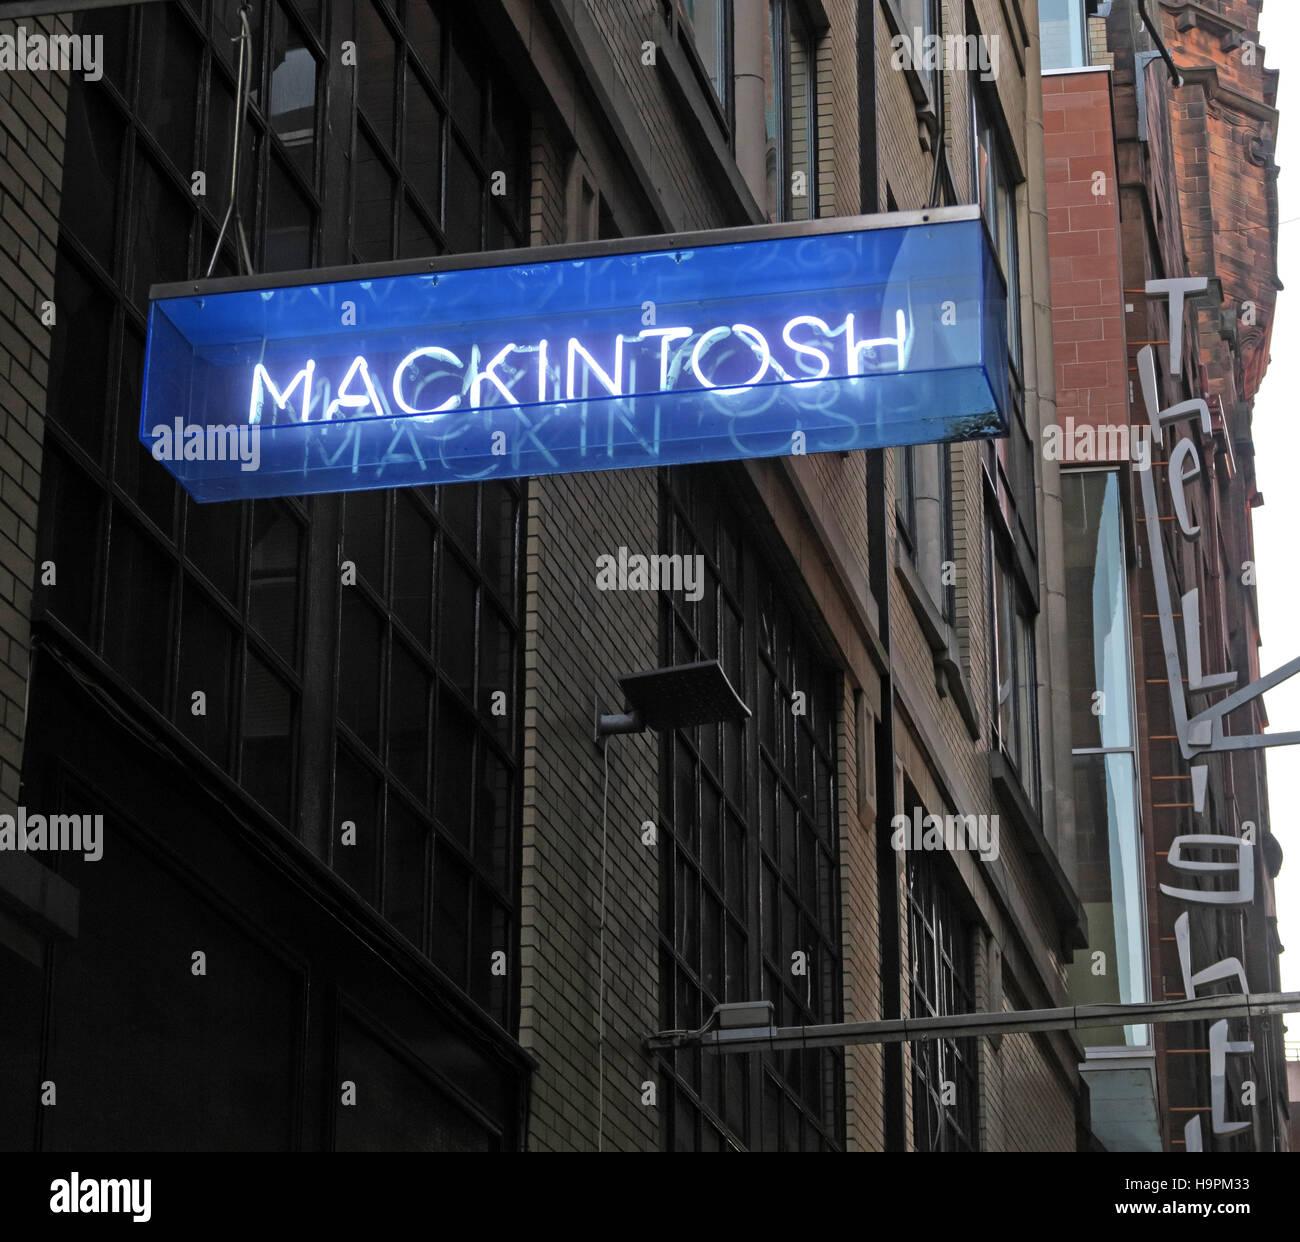 Laden Sie dieses Alamy Stockfoto Mackintosh Erbe, der Leuchtturm Art Gallery, Glasgow, Scotland, UK - H9PM33